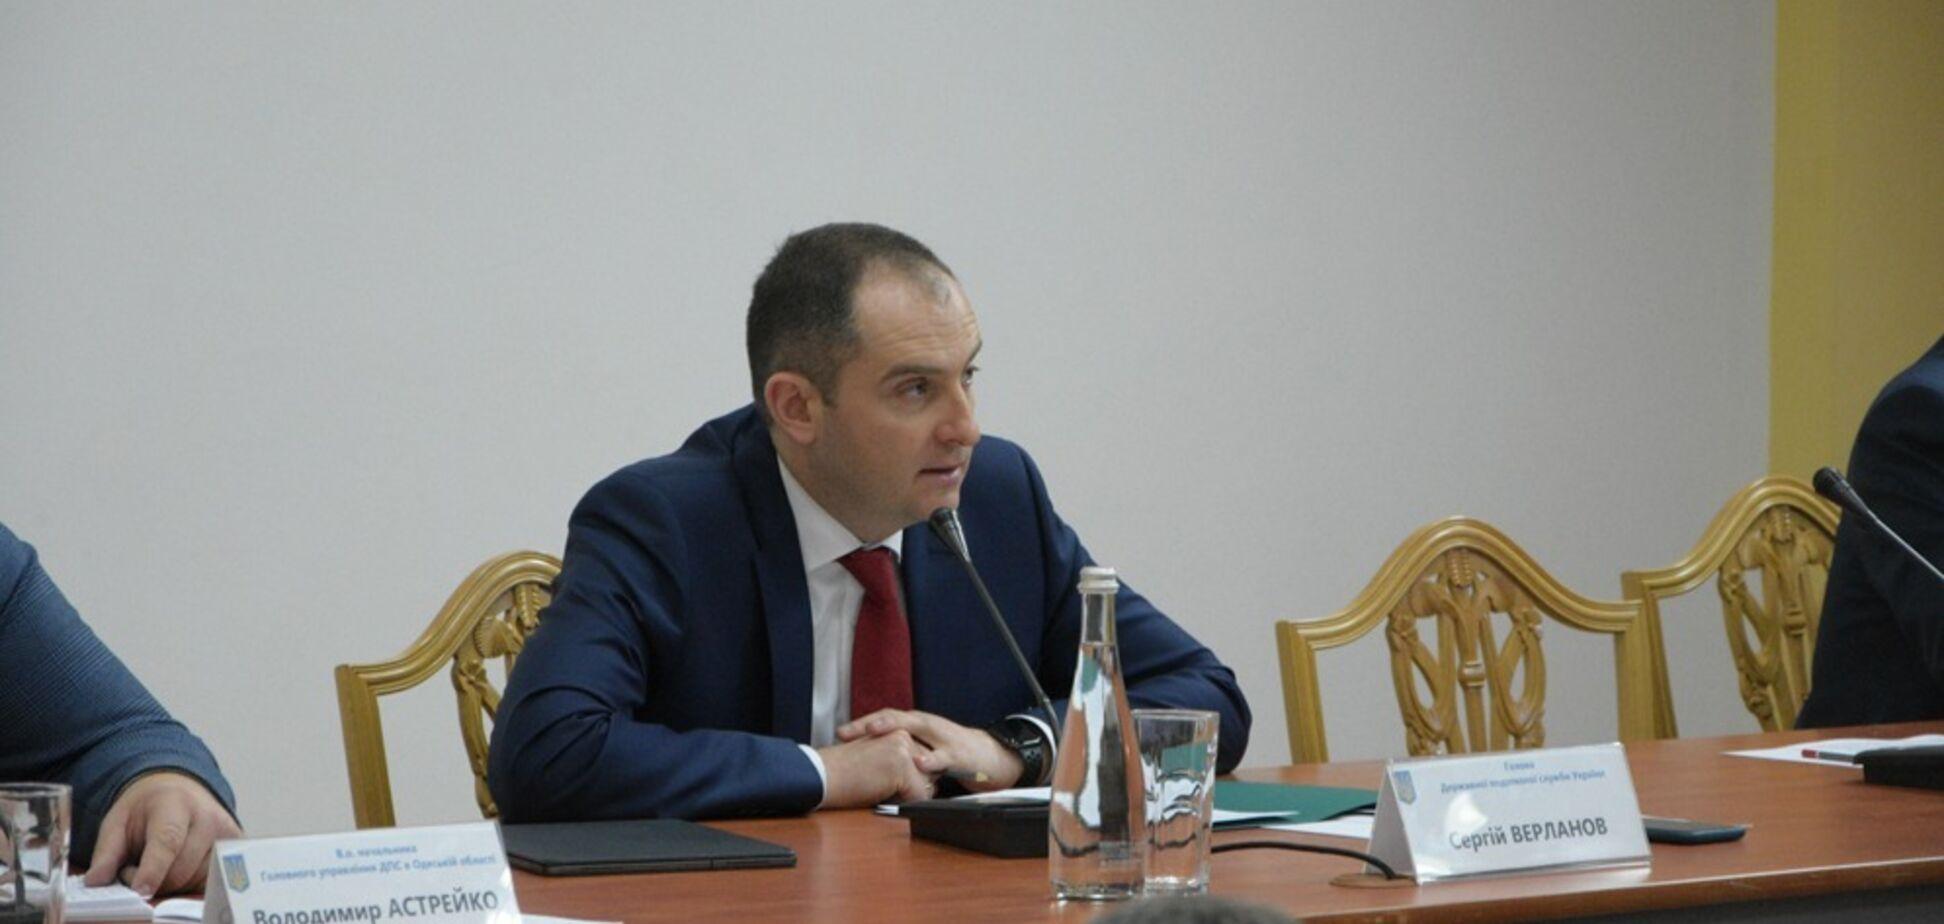 Верланов на Одещині дав старт масштабній антикорупційній перевірці податкової: деталі